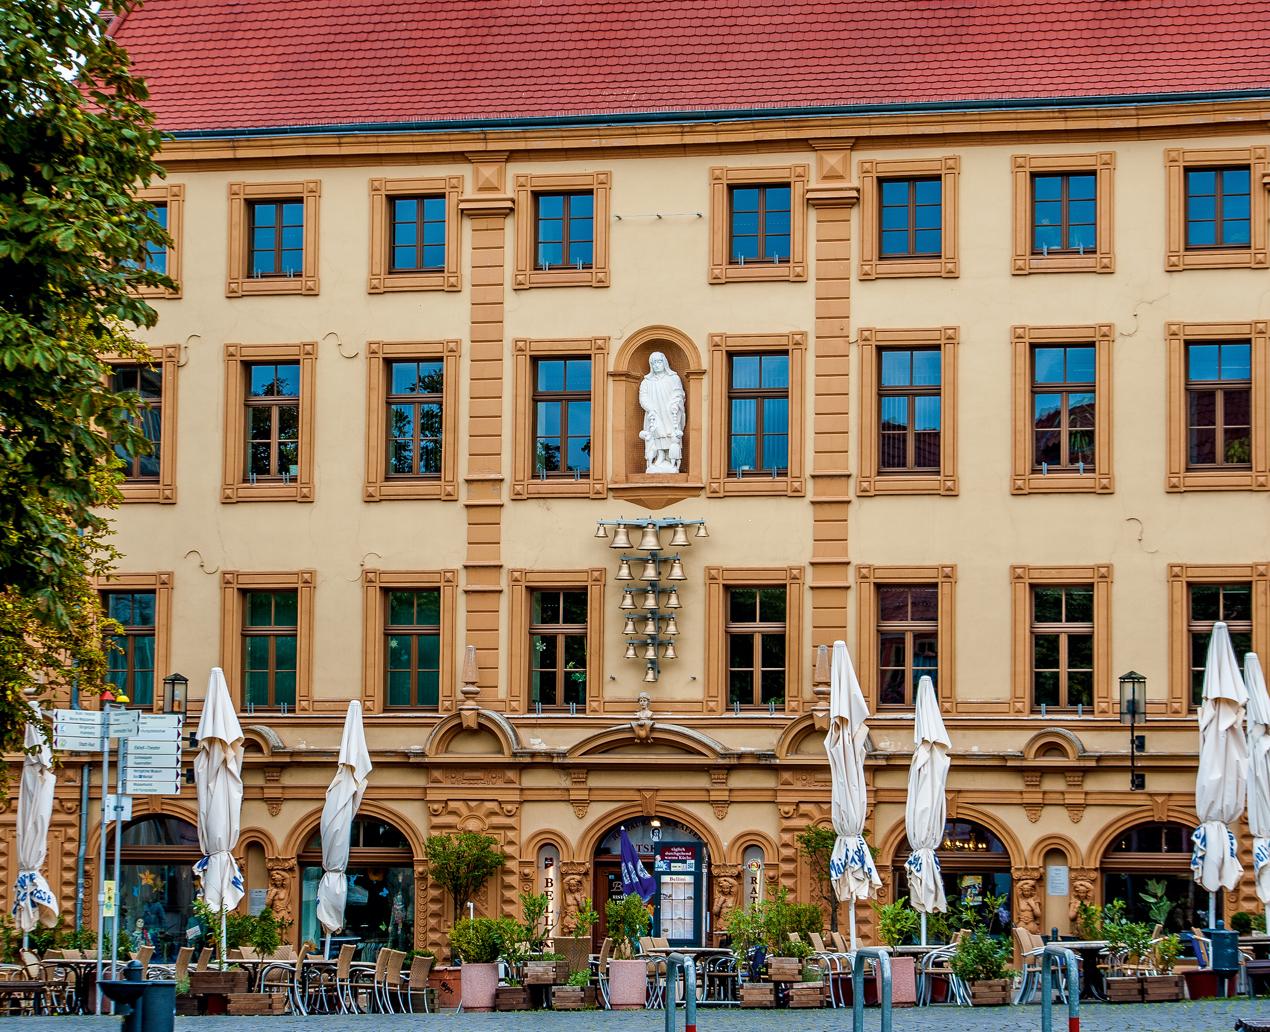 Innungshalle © Archiv KulTourStadt J.Schröter